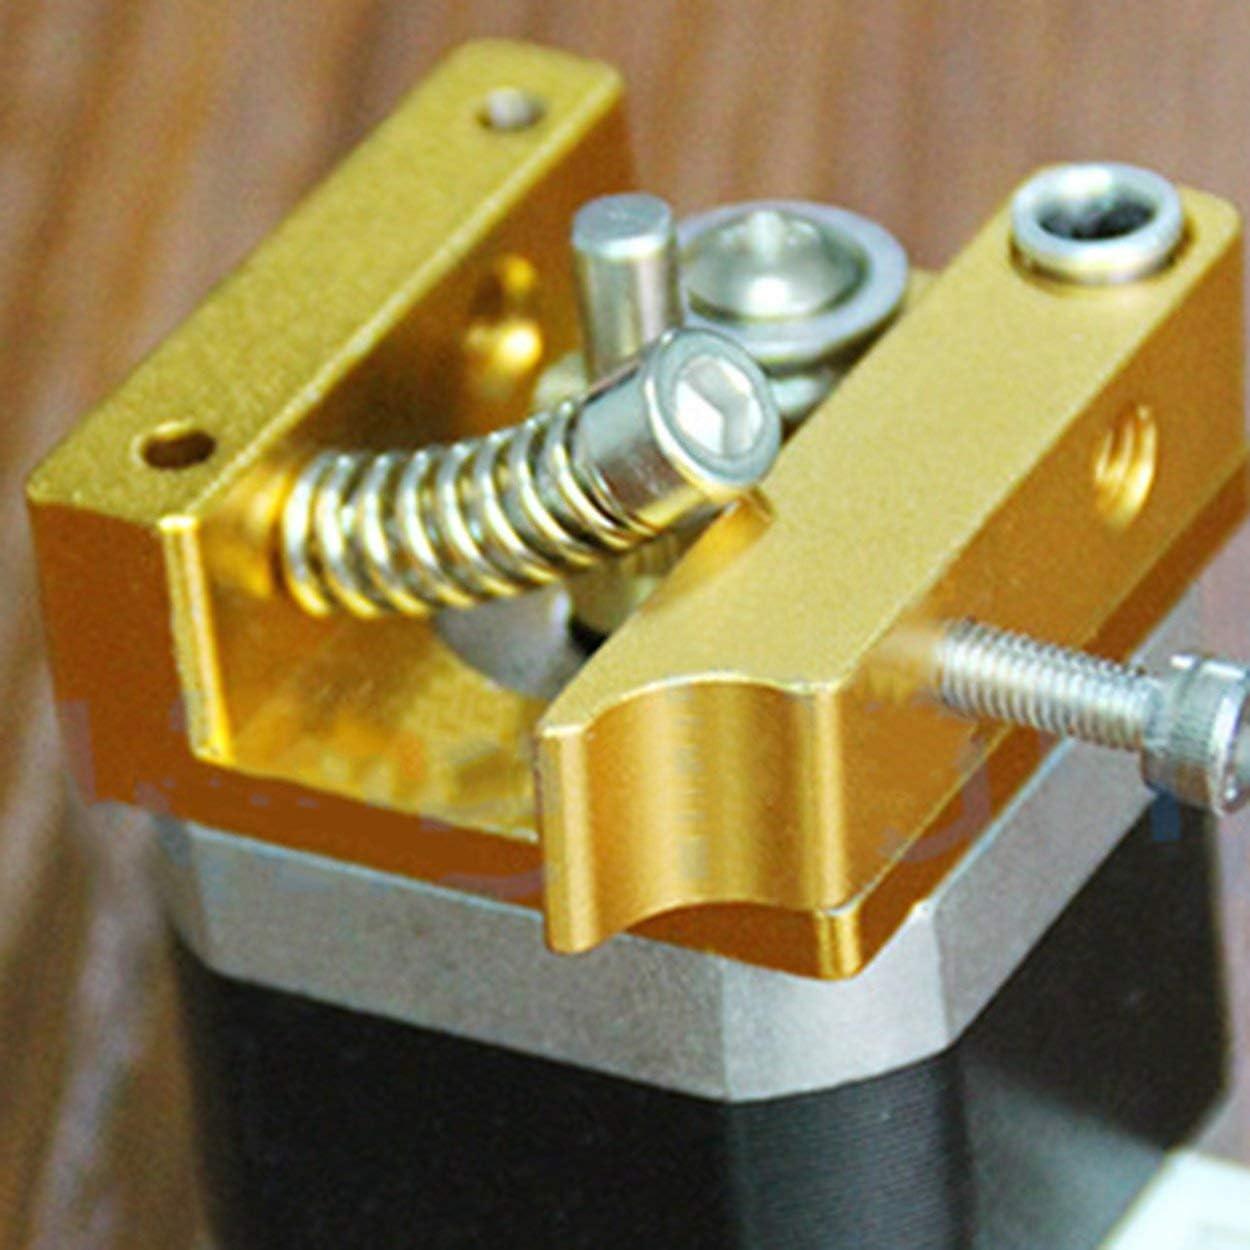 Lorenlli MK8 Extrudeuse en Alliage Daluminium Bloc pour Makerbot 3D Imprimantes Pi/èces Professionnel Extrusion Pi/èces Gauche Main DIY Kit